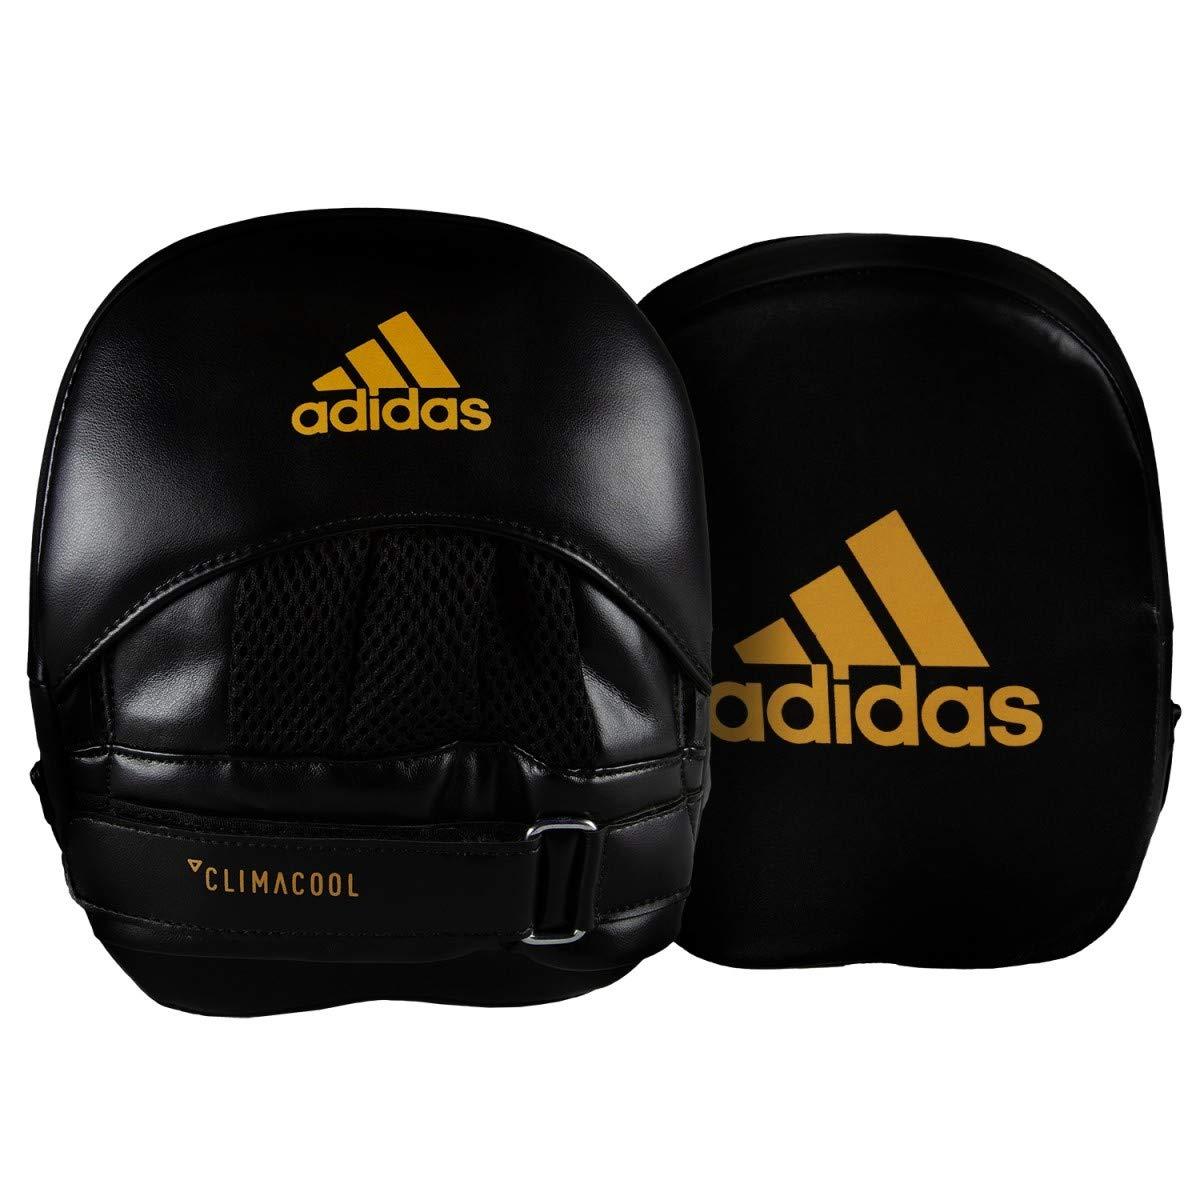 【在庫処分】 adidas FLX 3.0 B07J1ZC6Q8 スクエアマイクロミット 3.0 FLX ブラック/ゴールド B07J1ZC6Q8, TAG-:1fc3408b --- sabinosports.com